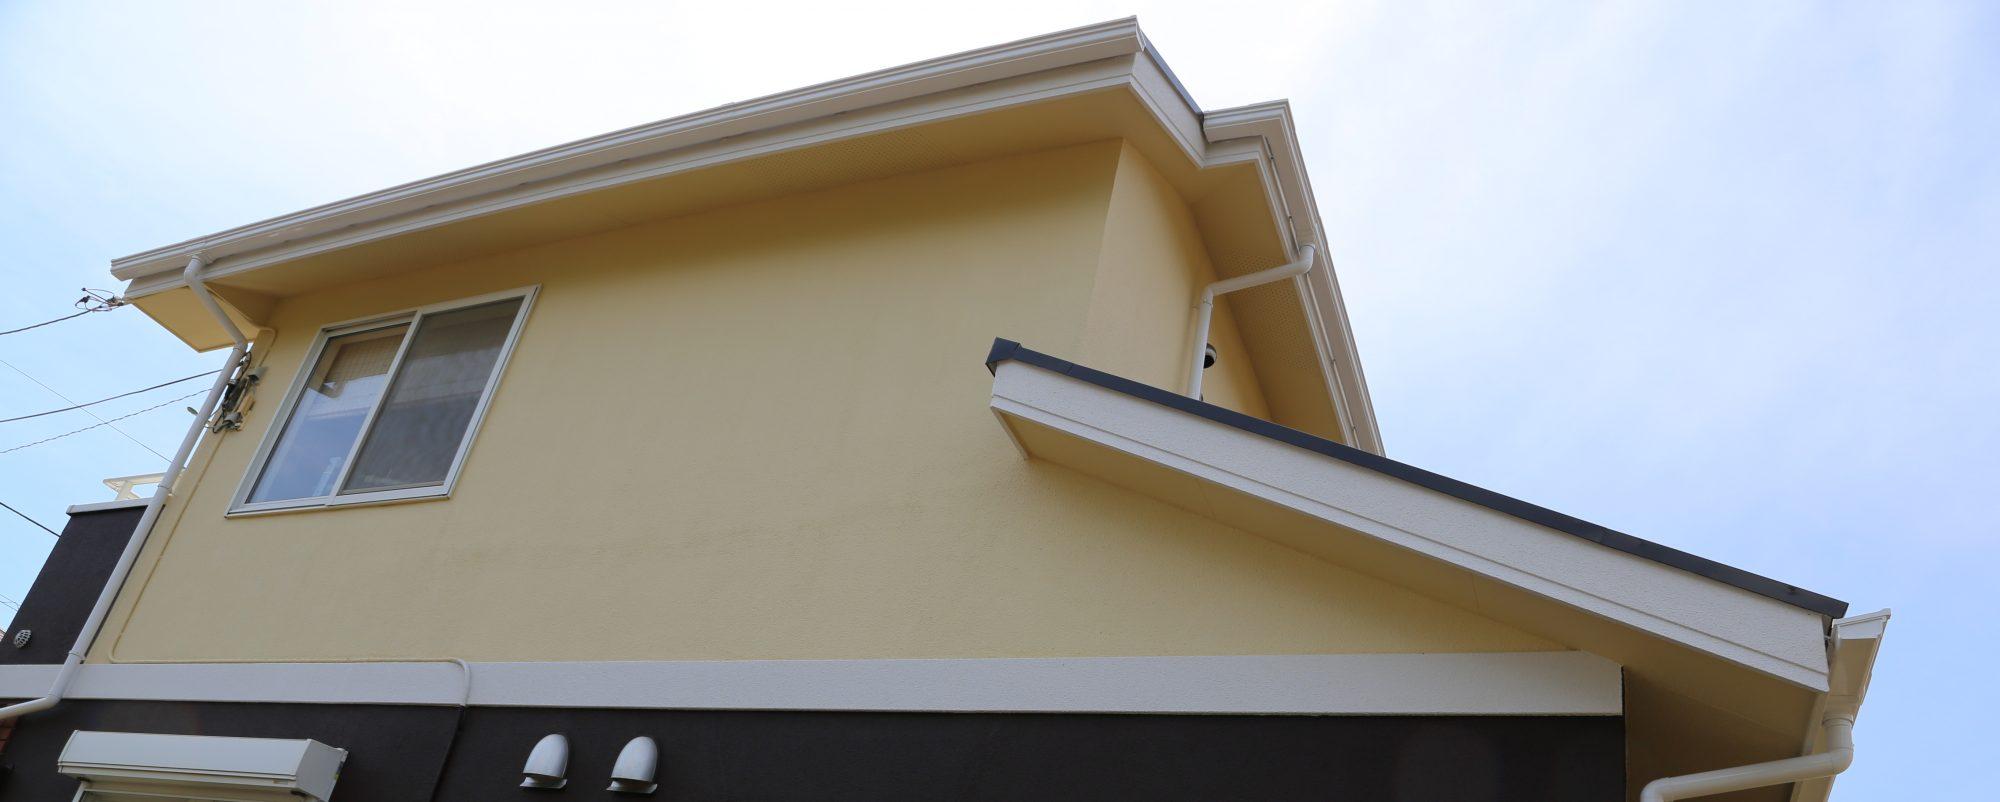 リフォーム前に参考にしたい外壁塗装・屋根塗装の体験談